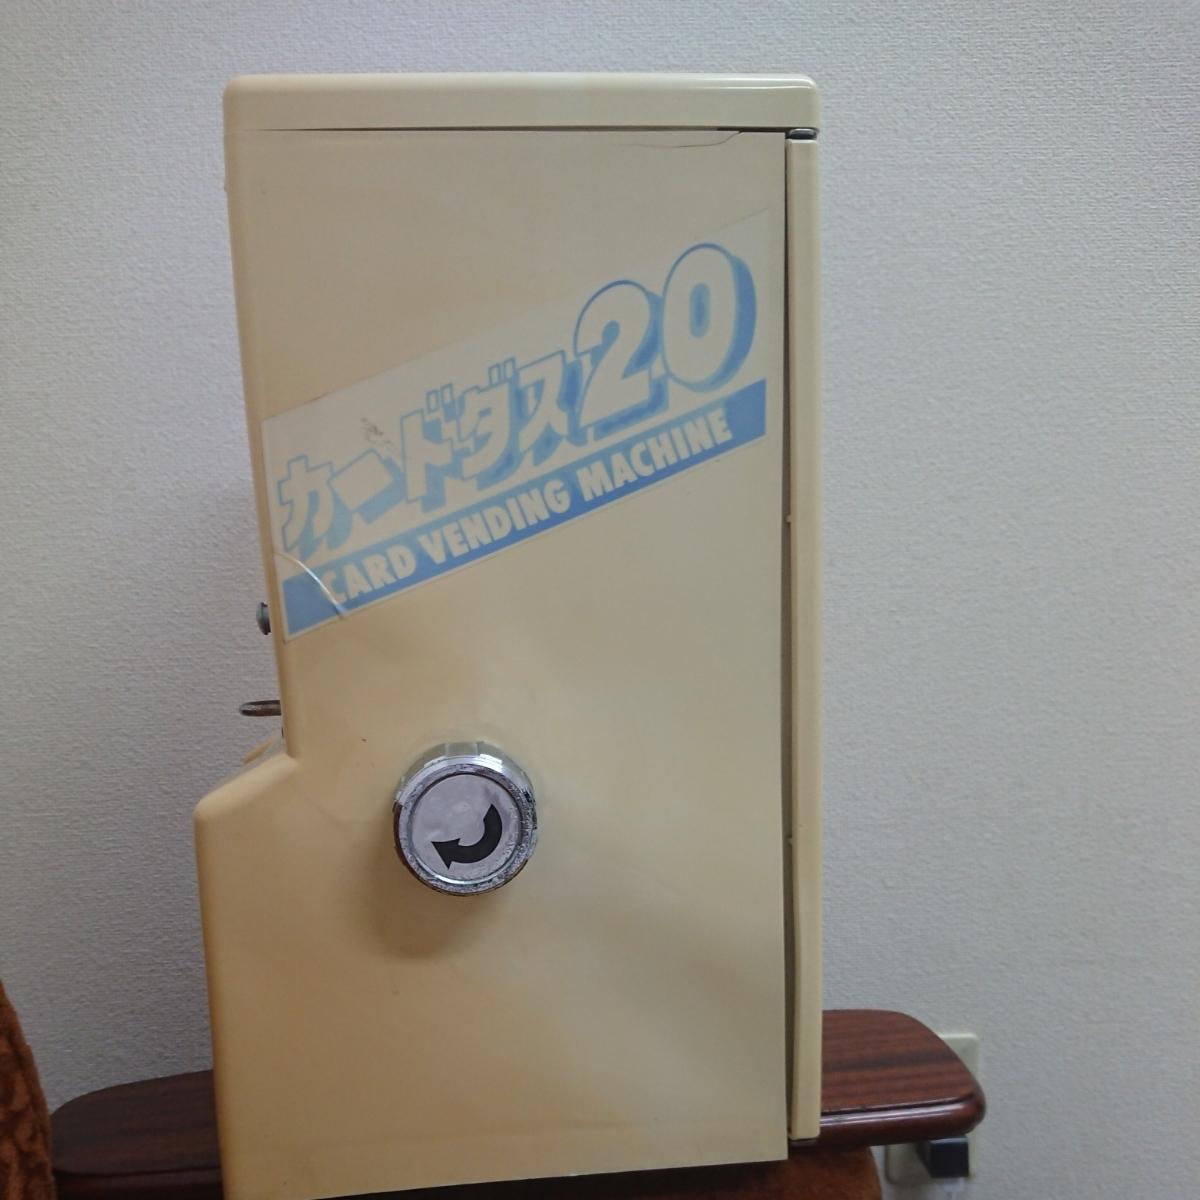 ■1円~ バンダイ カードダス20 1988年製 本体 可動品 台紙は クレヨンしんちゃん part3 発送はゆうパック120_画像4